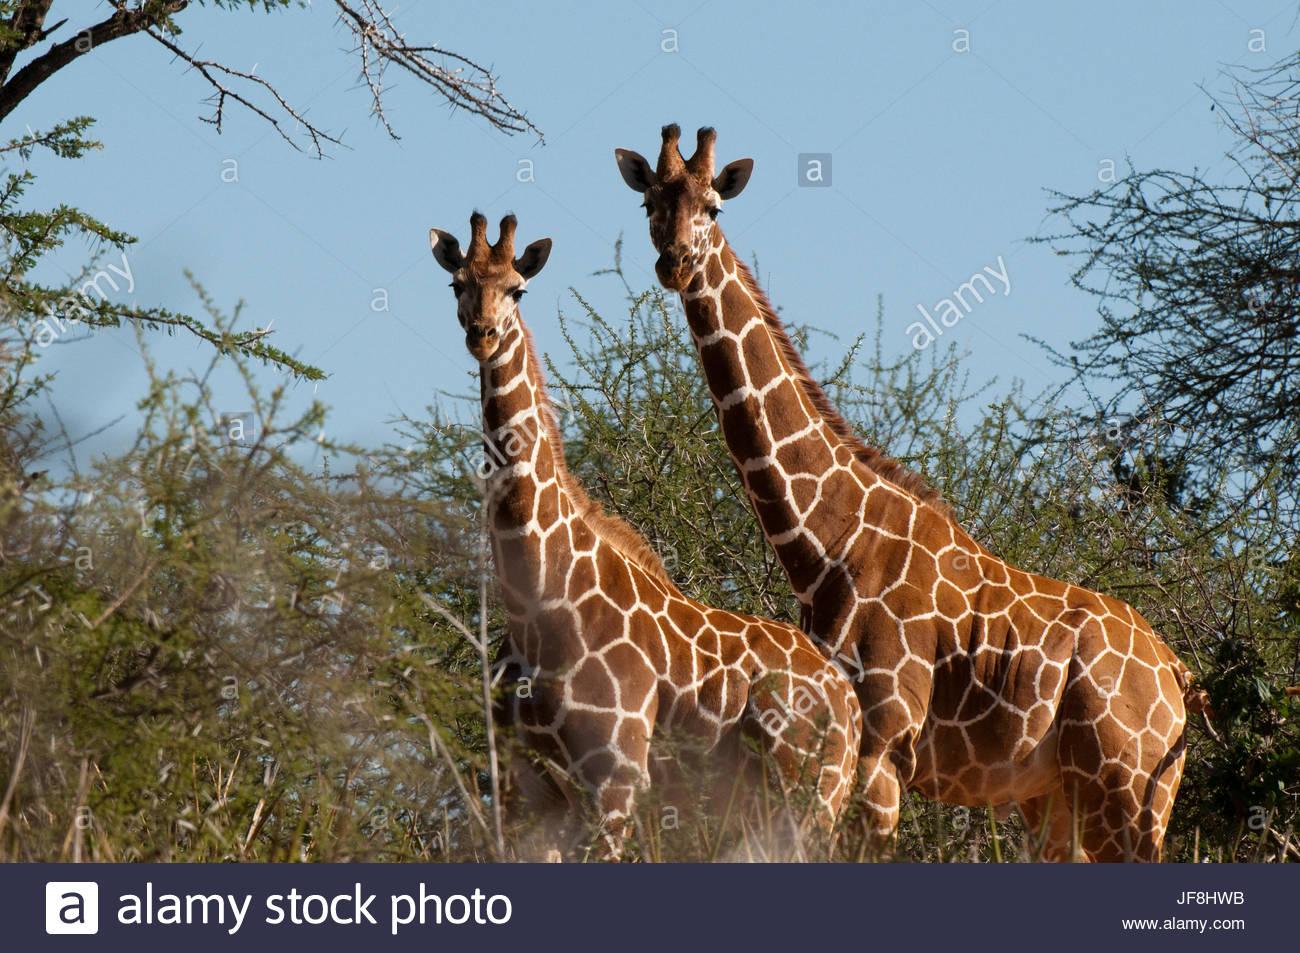 Deux girafes réticulée, Giraffa camelopardalis reticulata, parmi les arbres d'acacia épineux. Photo Stock